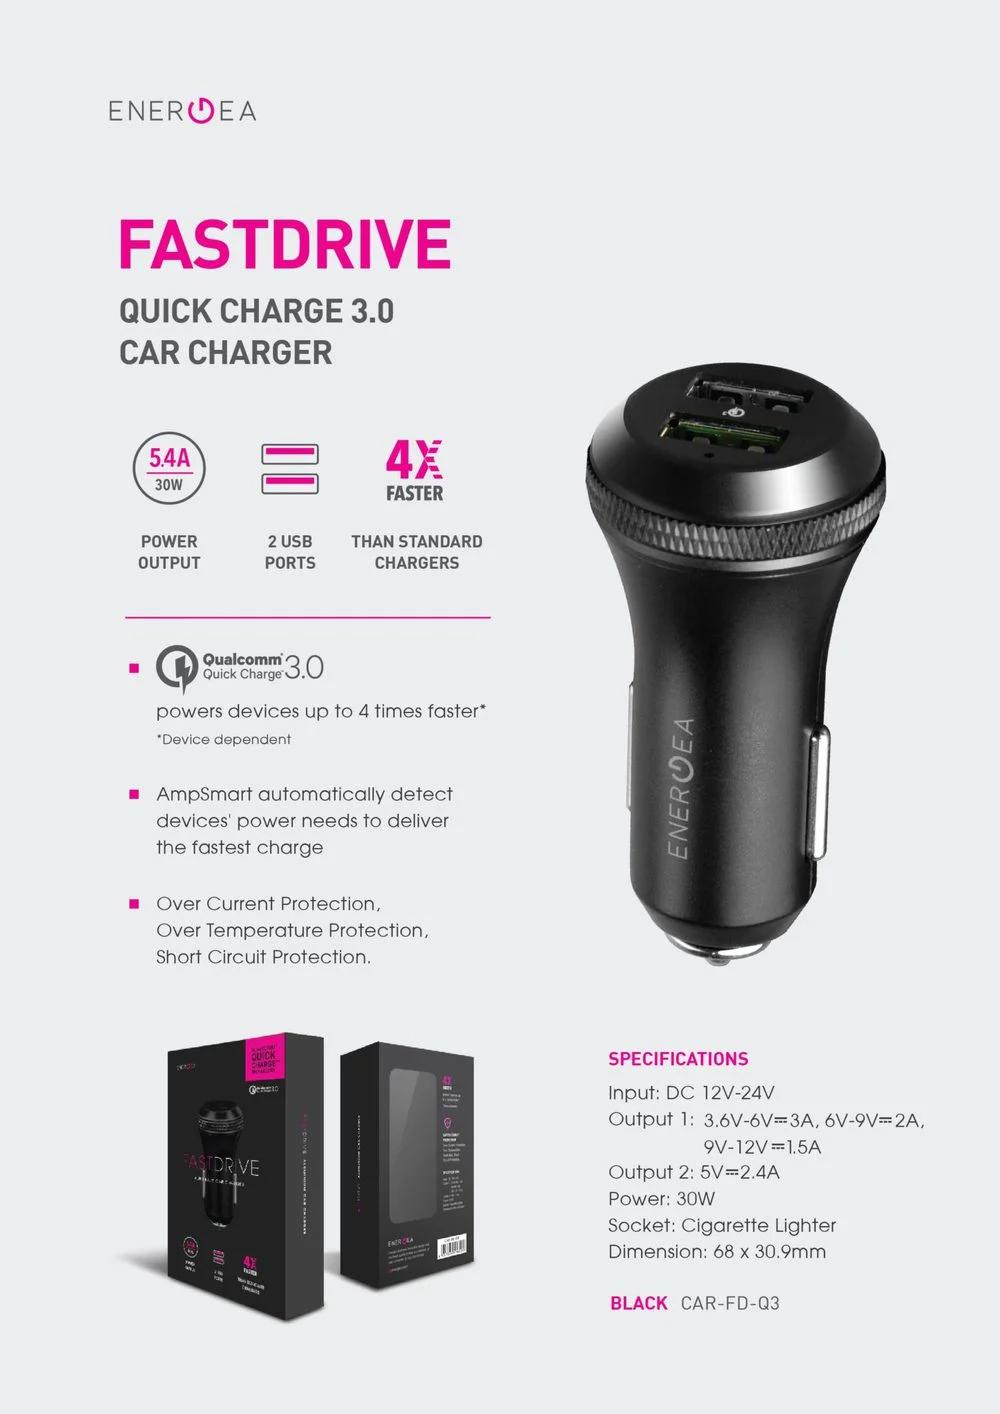 شارژر فندکی سریع انرژیا FAST DRIVE QC3.0 DUO USB premium black aluminium Car Charger with QC3.0